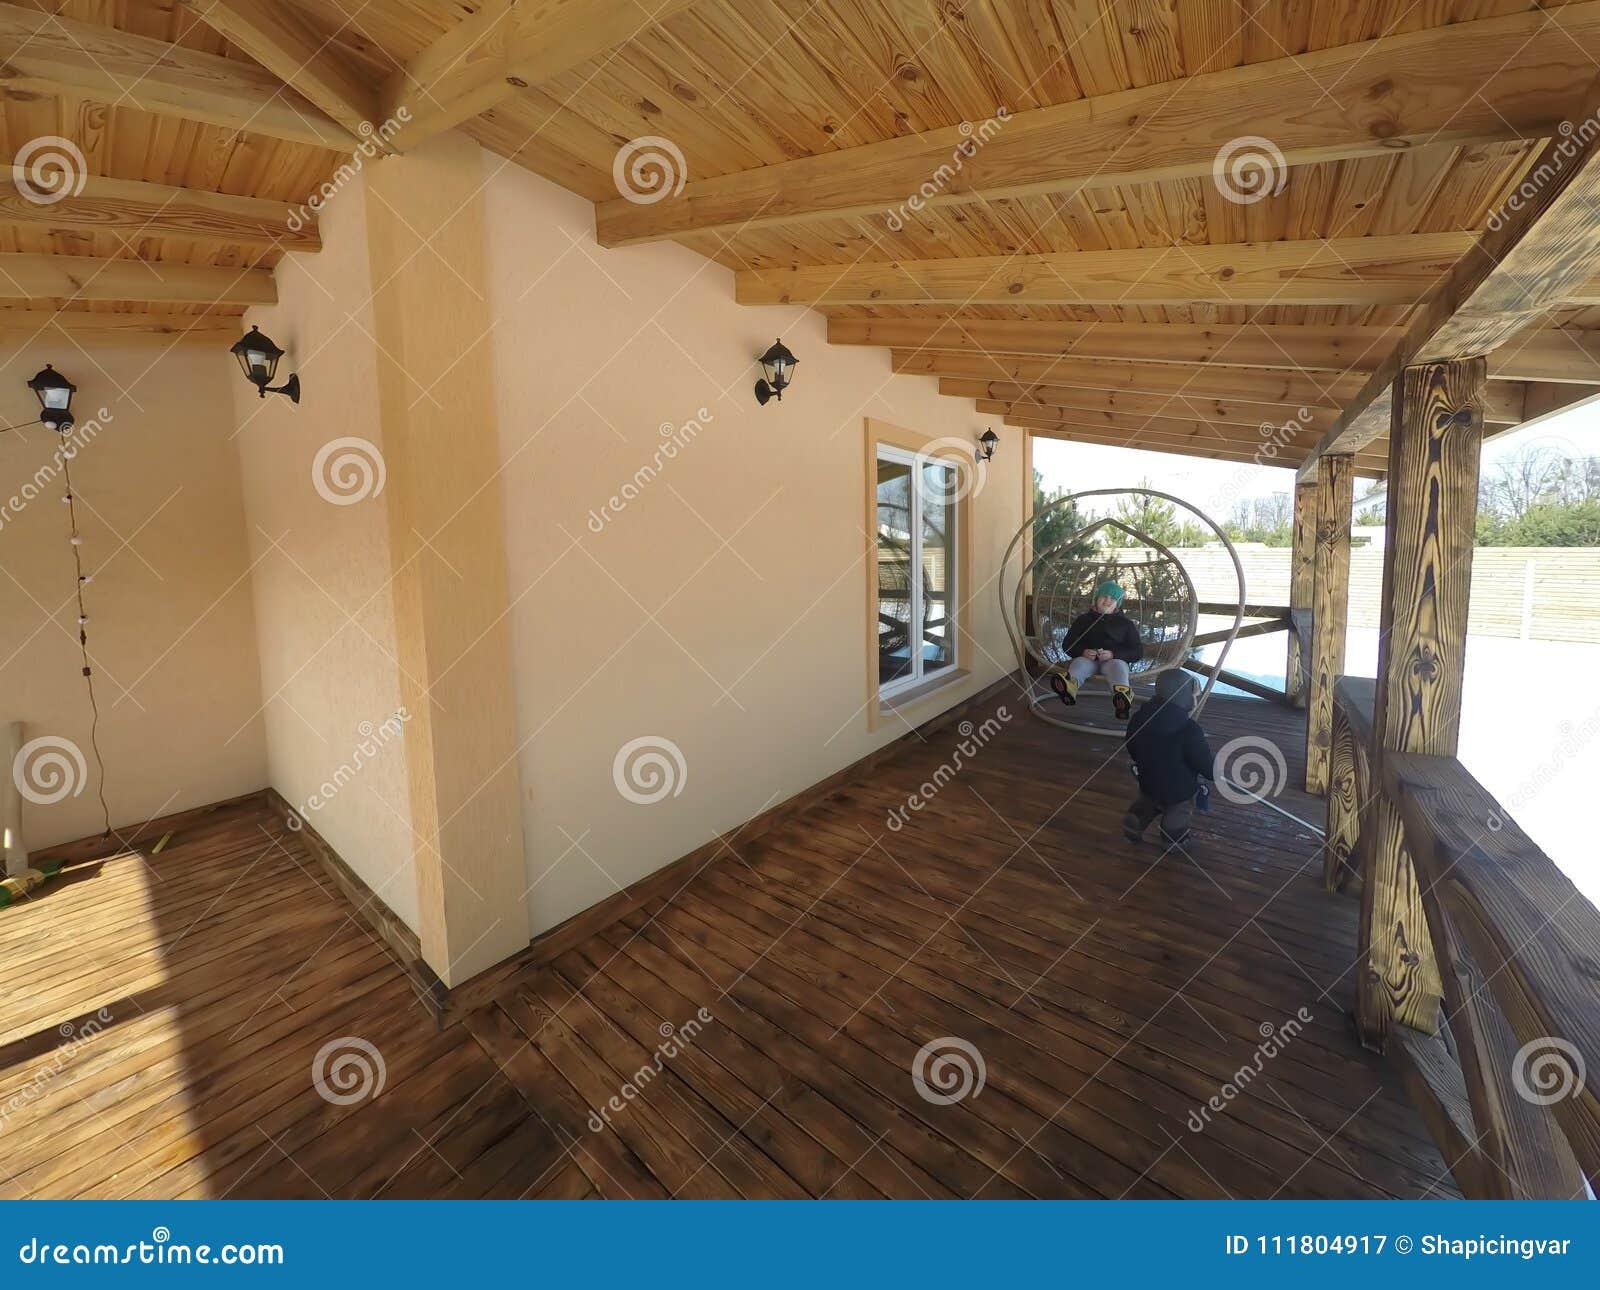 большая деревянная терраса в традиционном шале с панорамными окнами и сосновым лесом вокруг